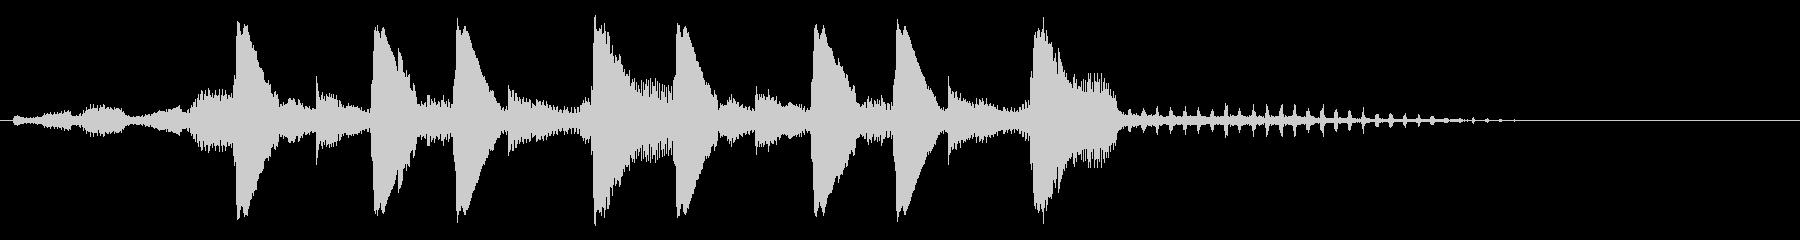 【ジングル】ダブステップ BPM128の未再生の波形